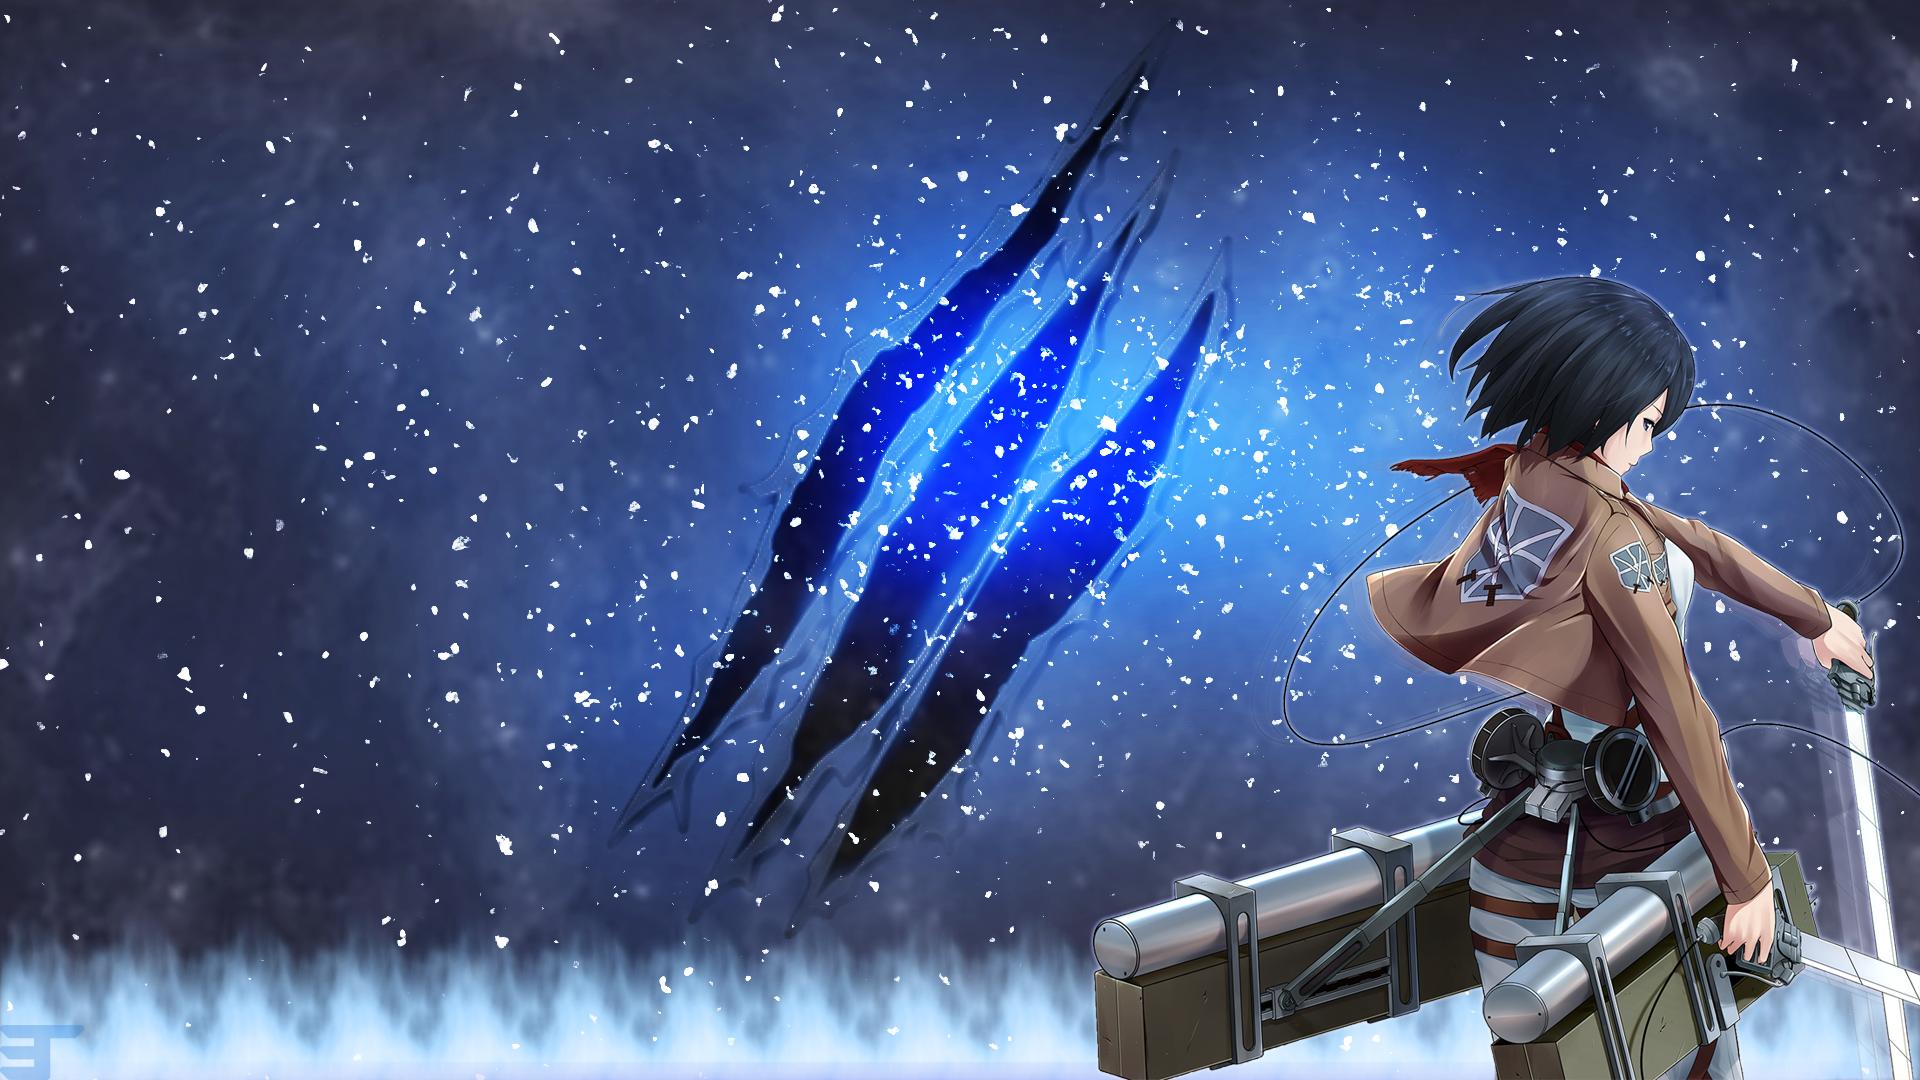 Attack On Titan Mikasa Wallpaper By Etrnlpanda On Deviantart